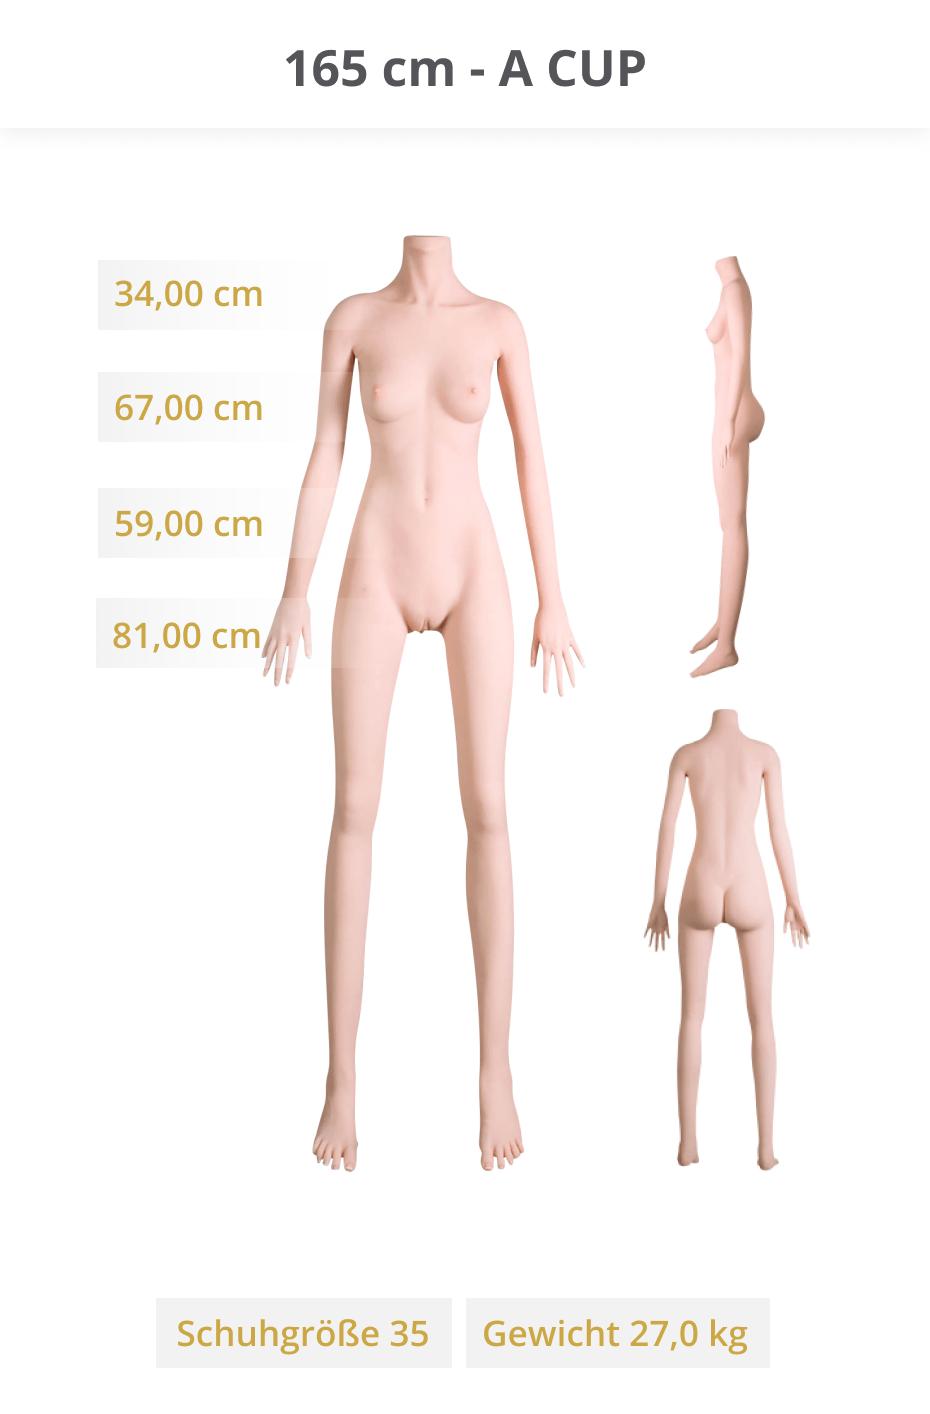 6ye-Dolls-165-cm-A-CUP